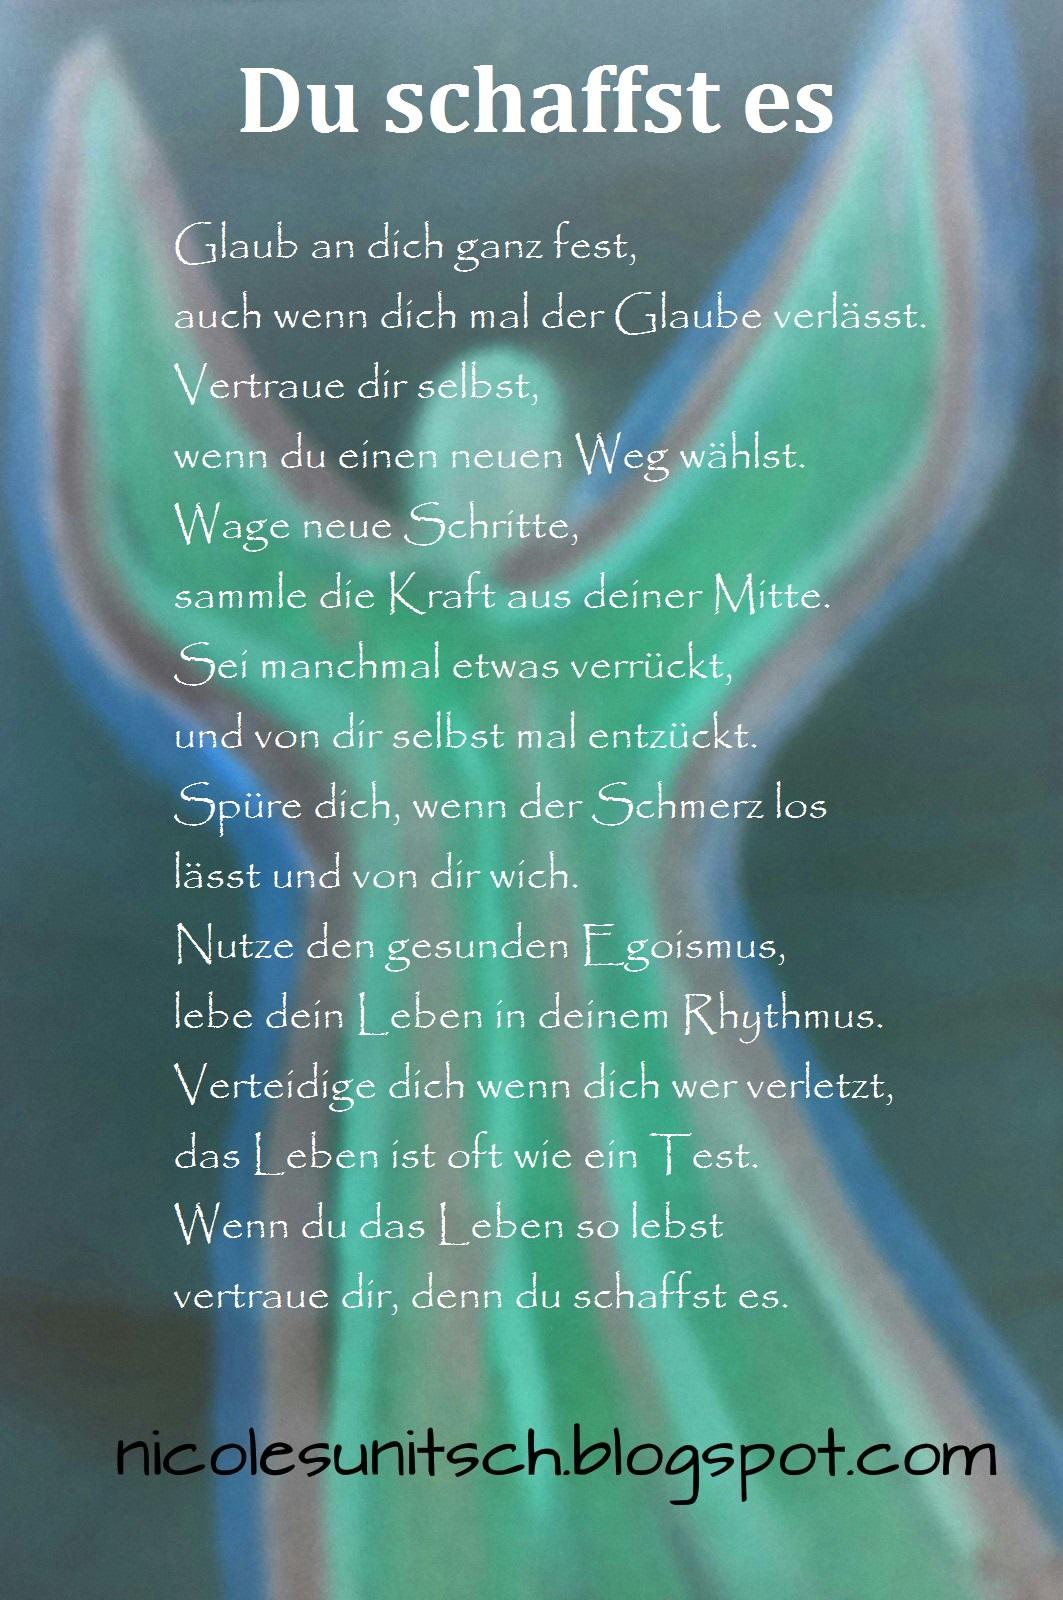 Gedichte Von Nicole Sunitsch Autorin Du Schaffst Es Gedicht